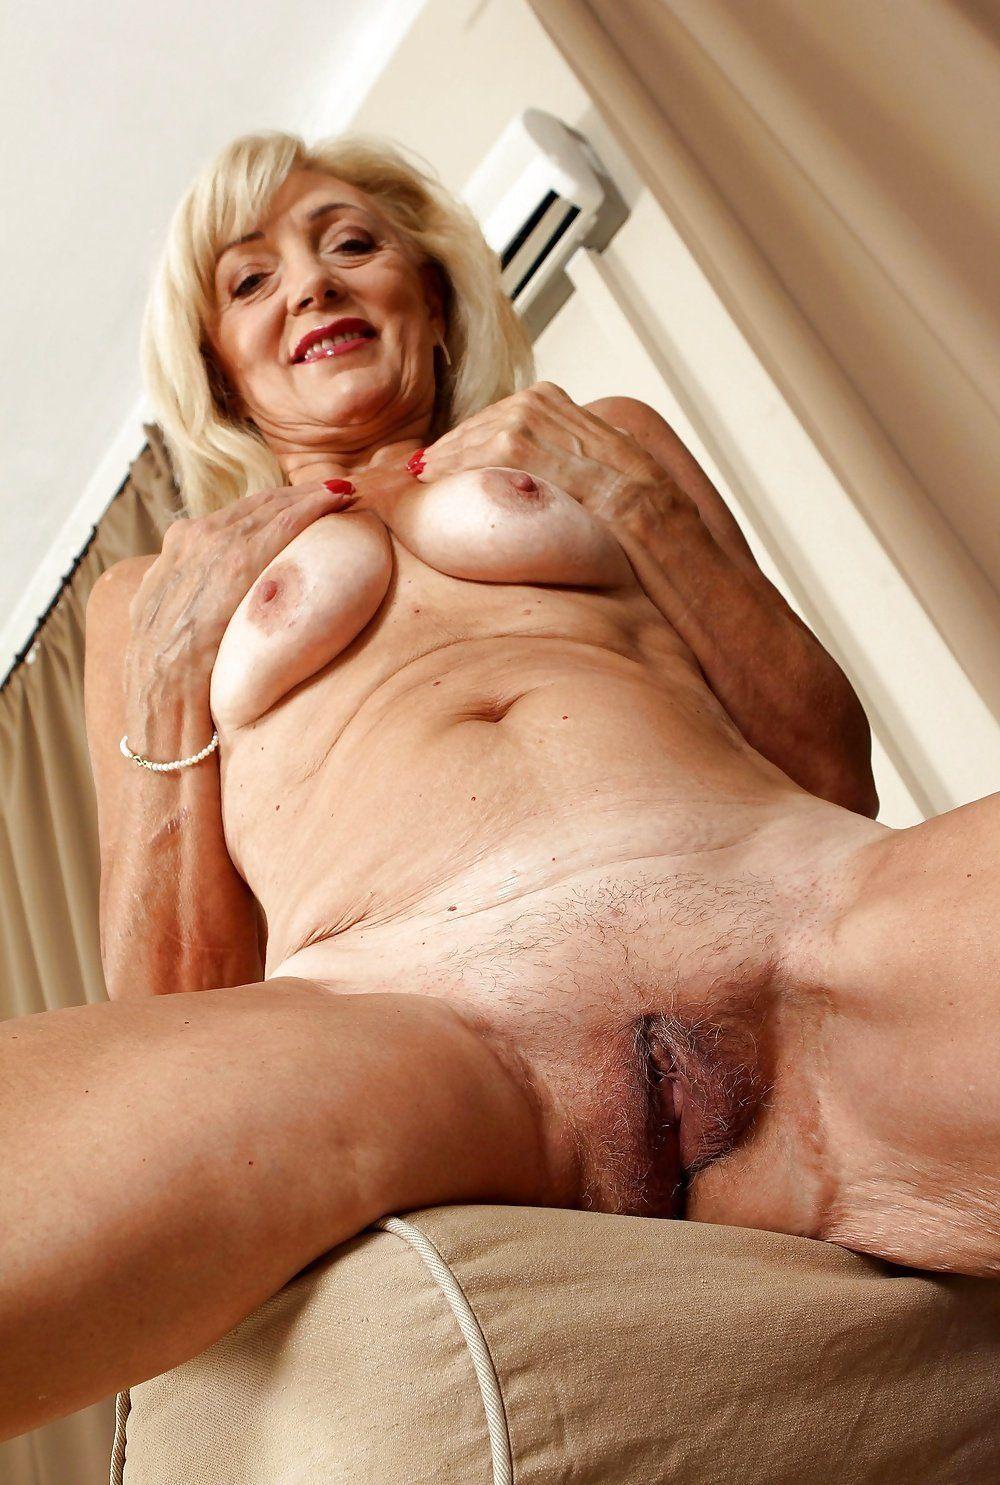 60S Plus Porn amateur mature over 60 - porn full hd archive free.